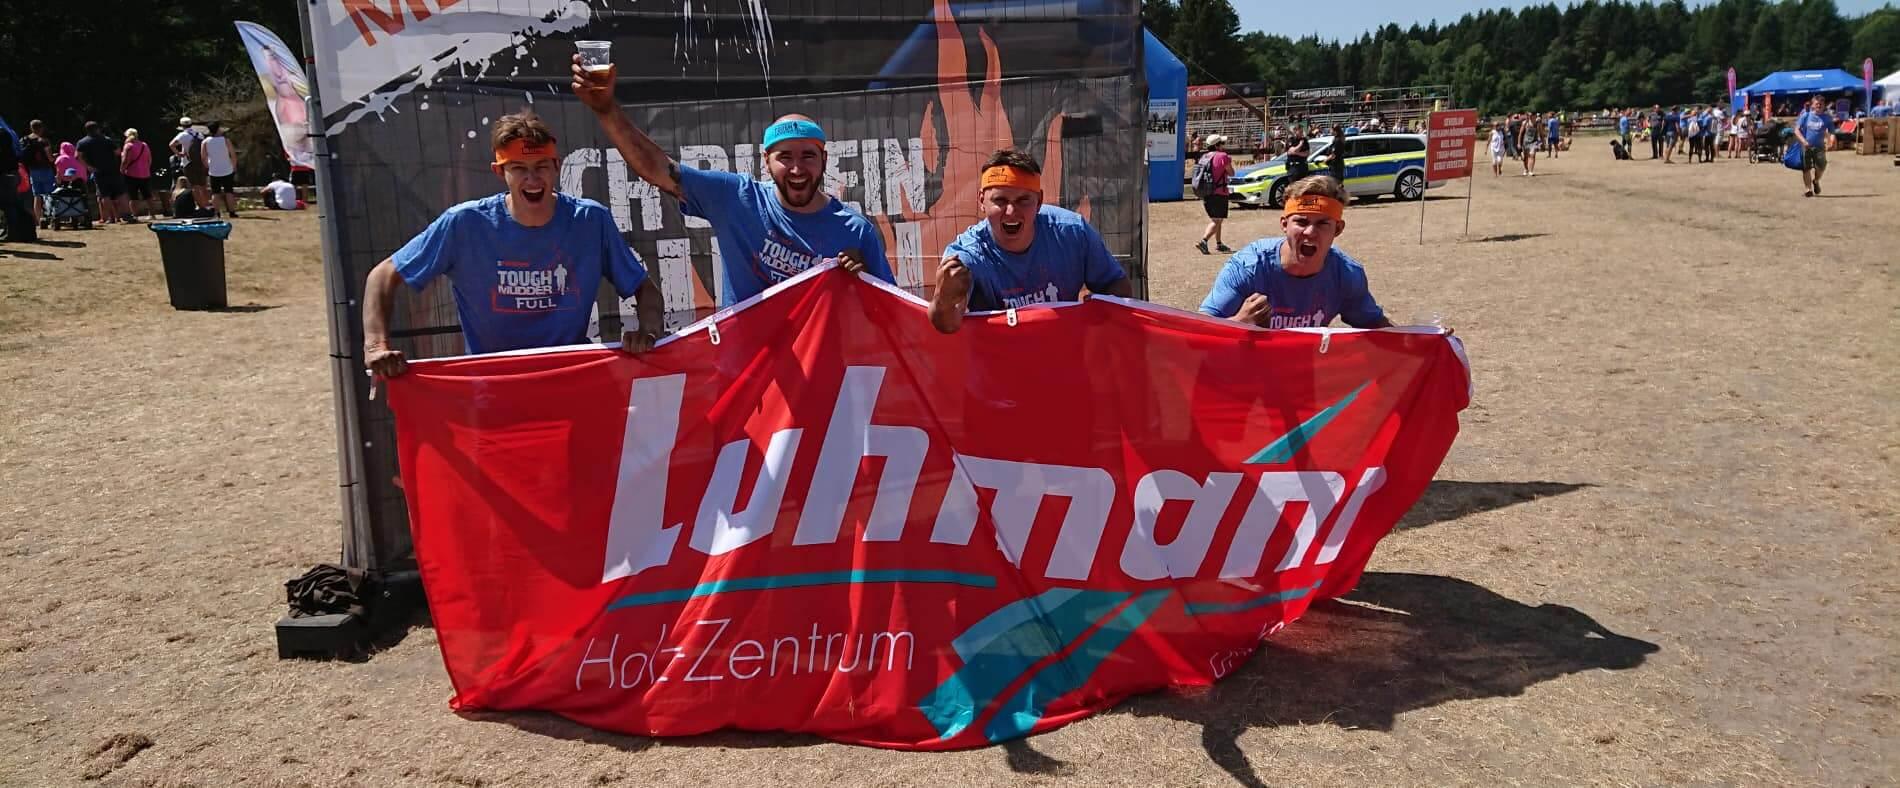 Luhmann Tough Mudder Teilnehmer